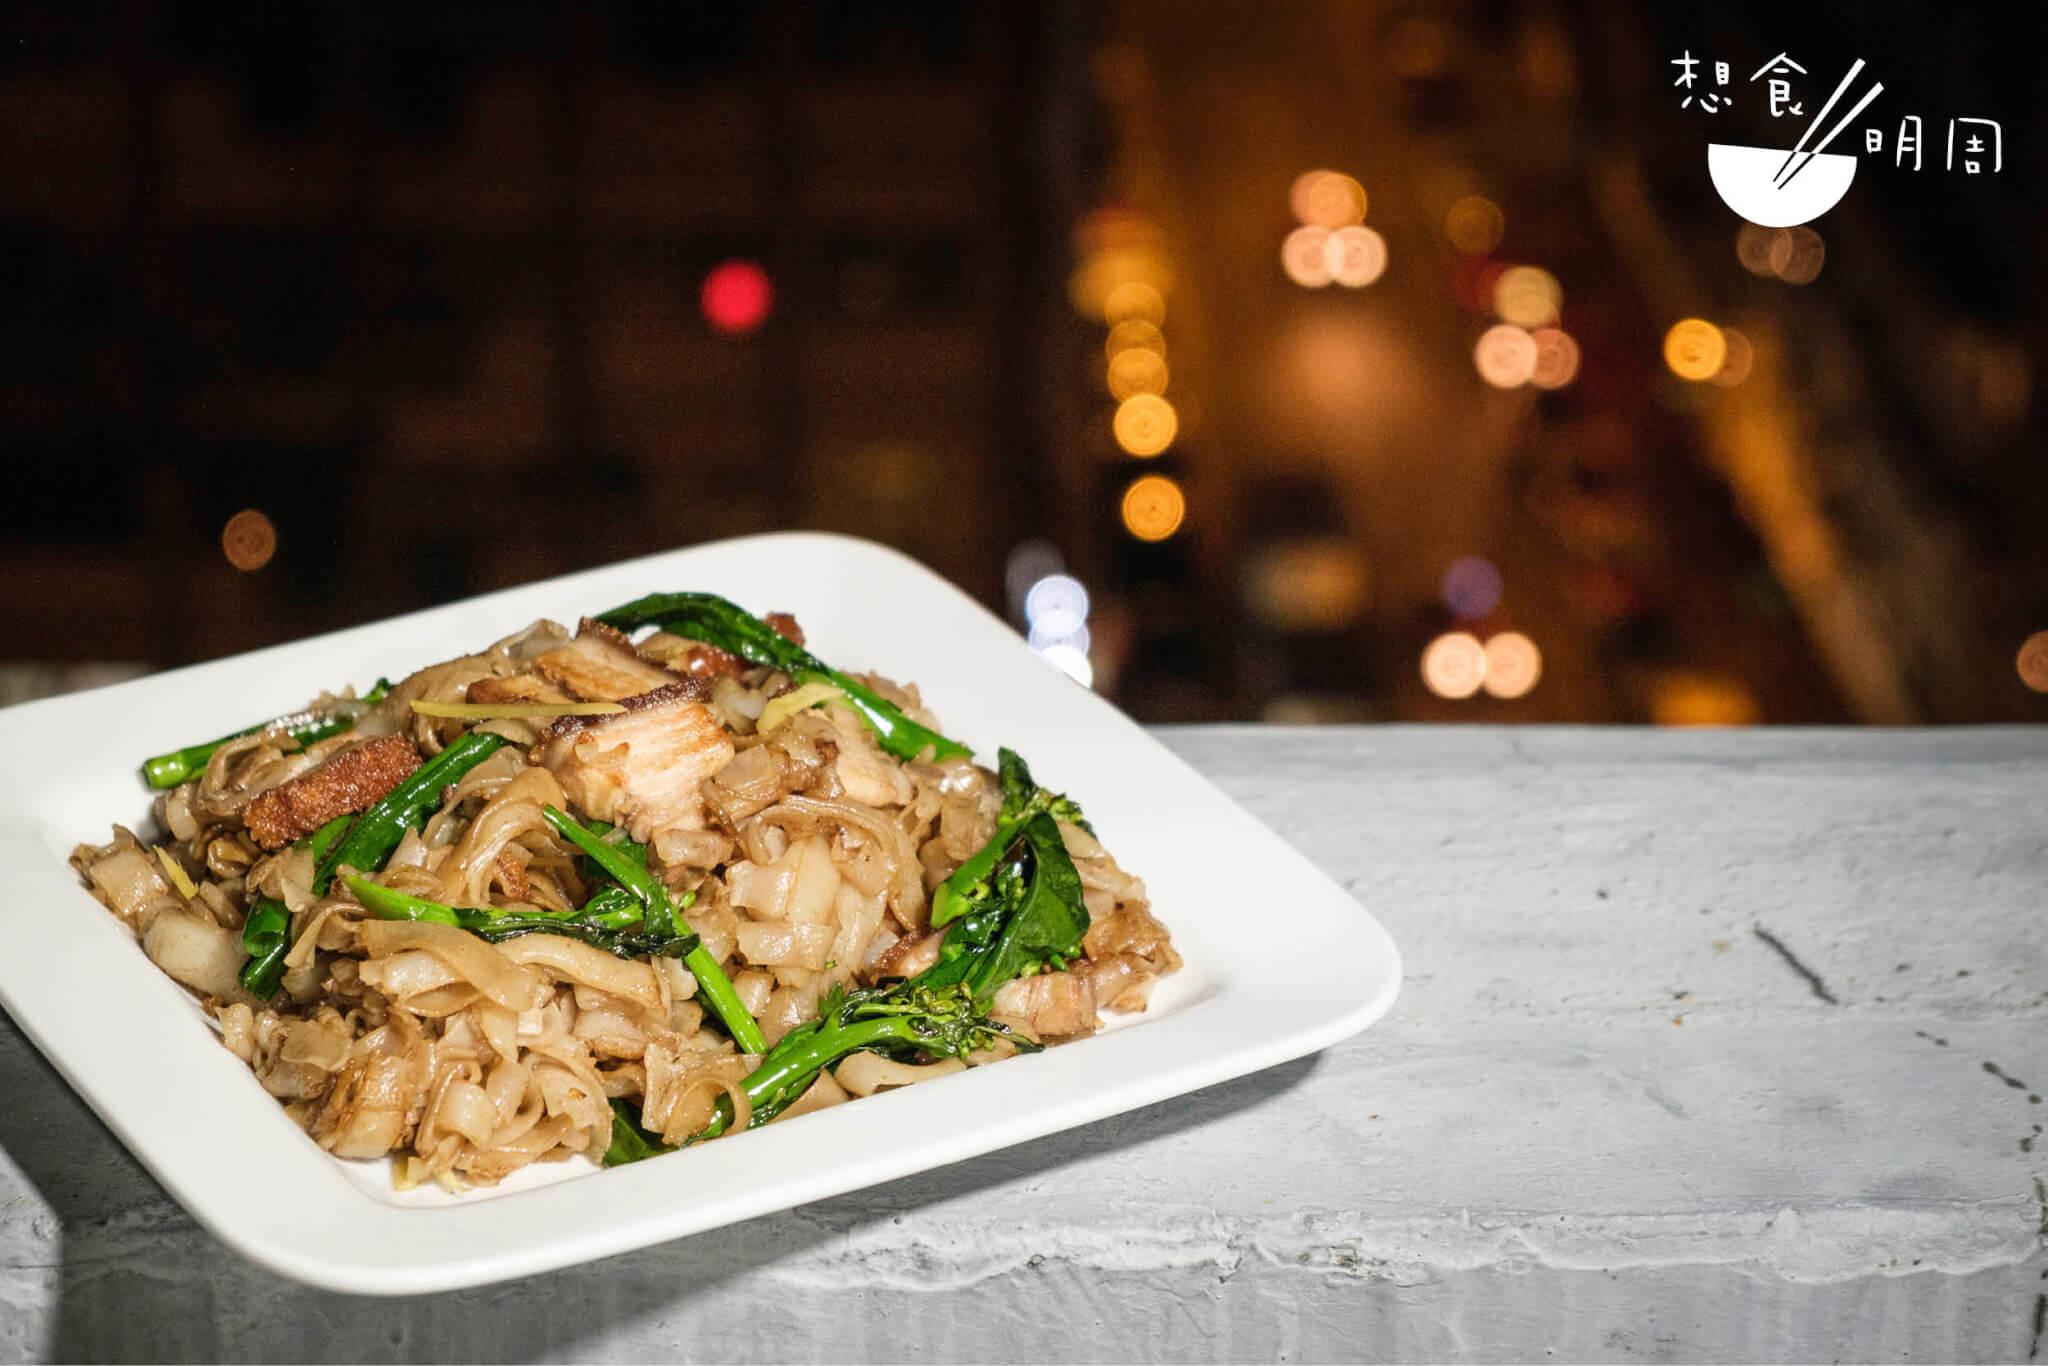 好一道乾炒蝦醬芥蘭苗燒腩河粉,鹹香中又不太油膩,有茶餐廳的深宵「佬」味,卻自是更勝一籌。在家煮,總是更合口味呀。